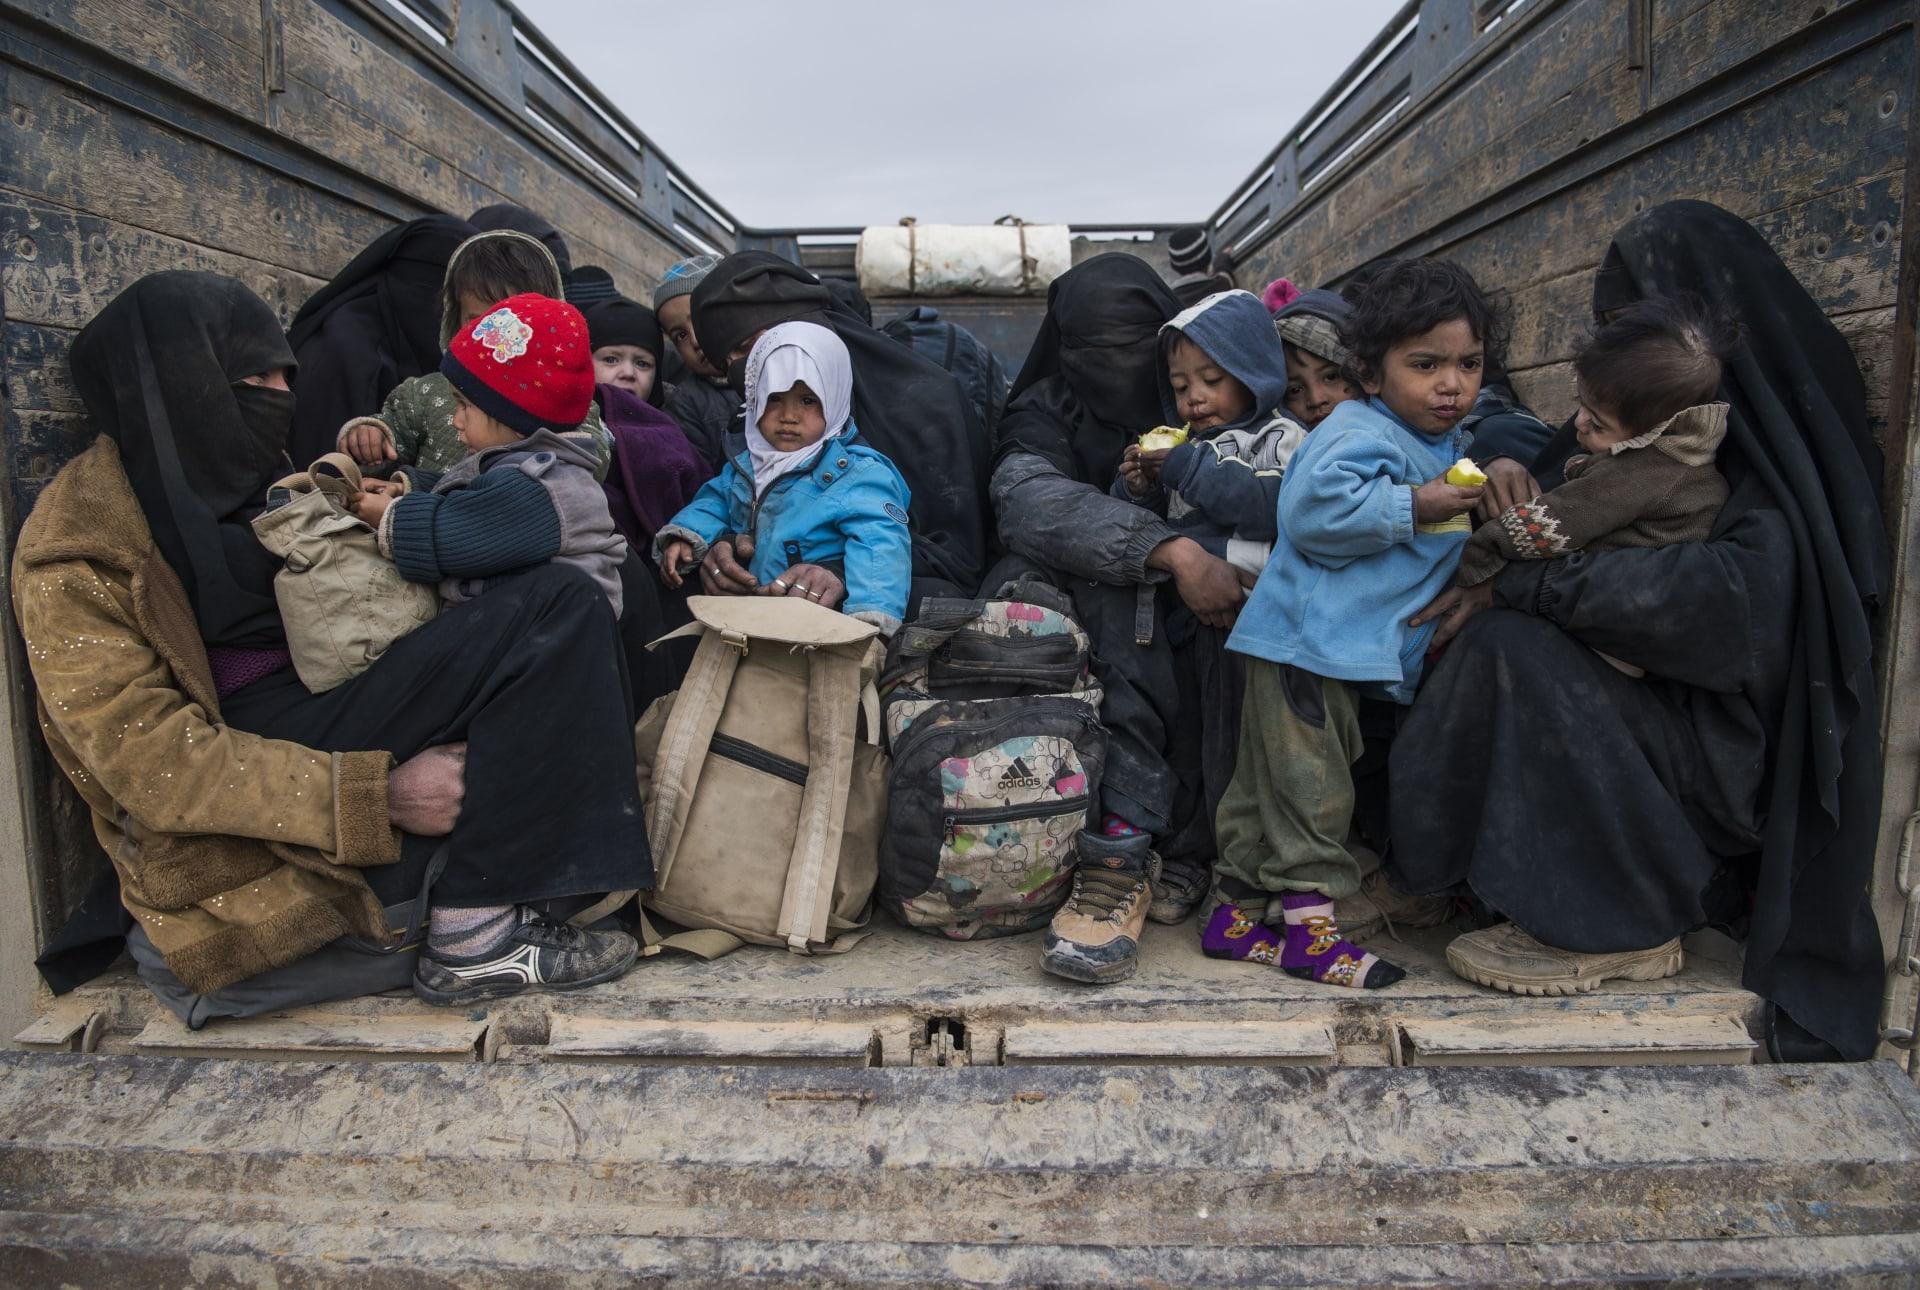 رأي.. کاملیا انتخابی فرد تكتب لـCNN: عائلات داعش يحتاجون إلى رحمة العالم